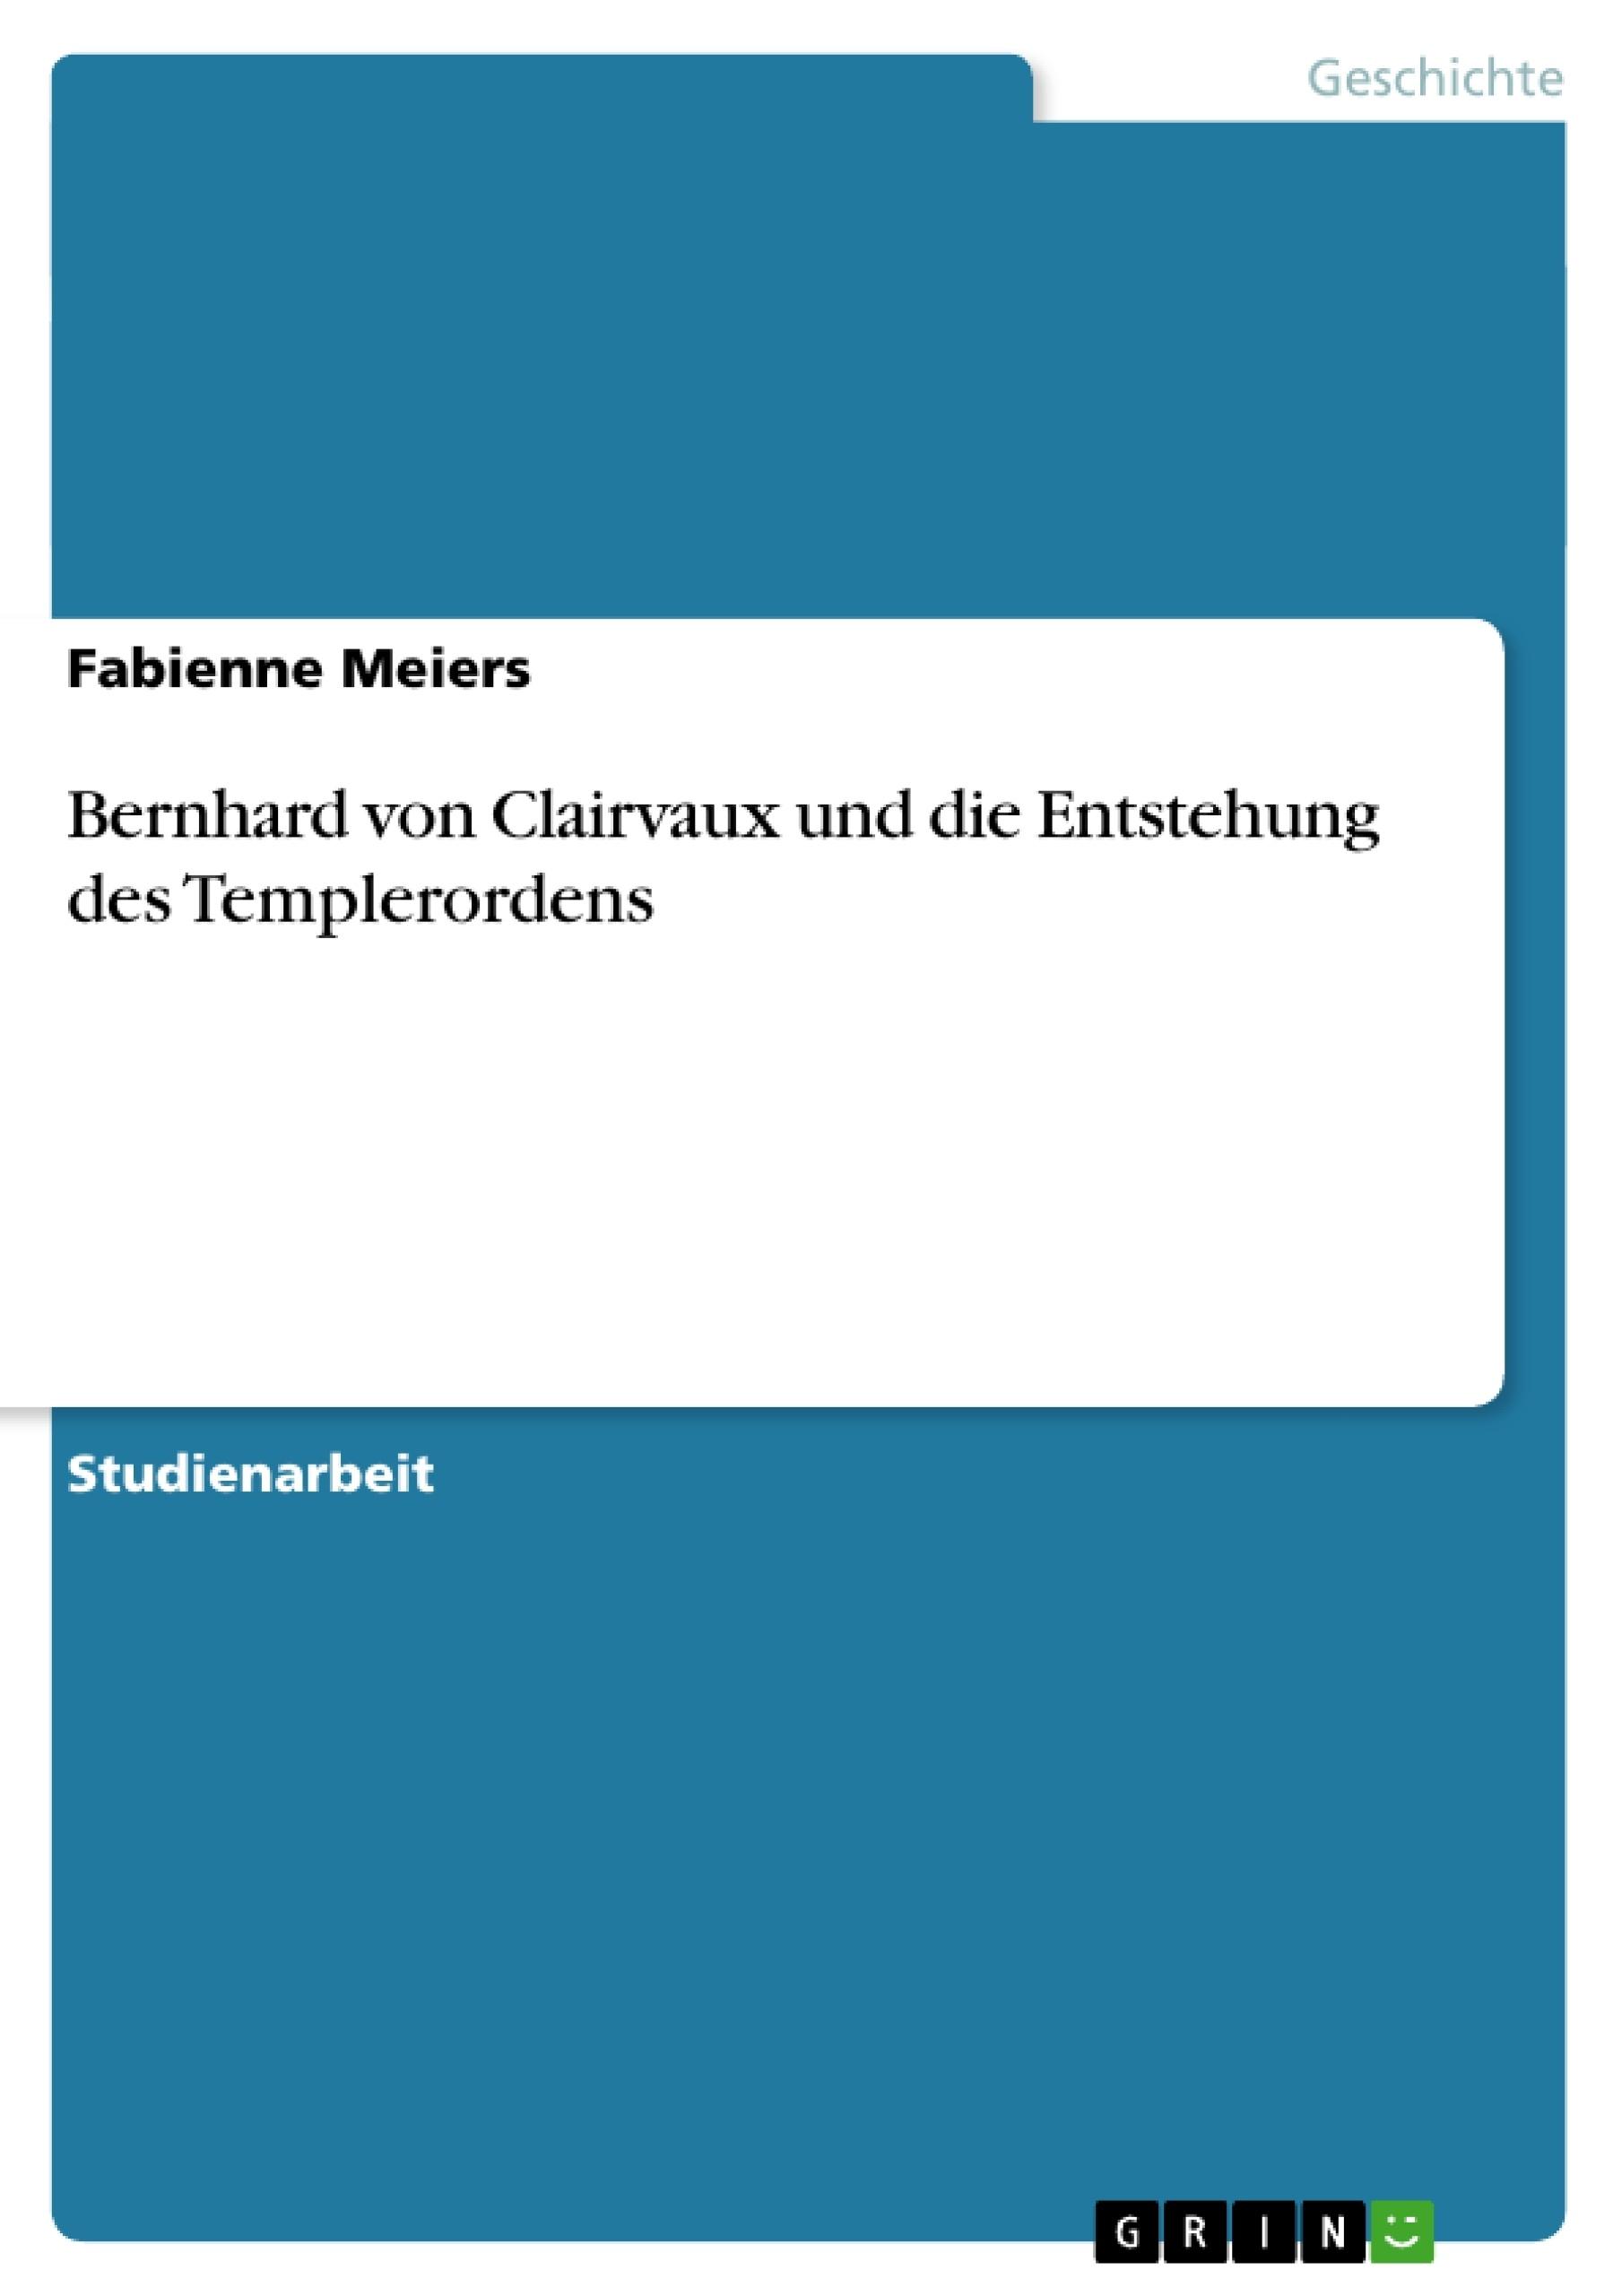 Titel: Bernhard von Clairvaux und die Entstehung des Templerordens